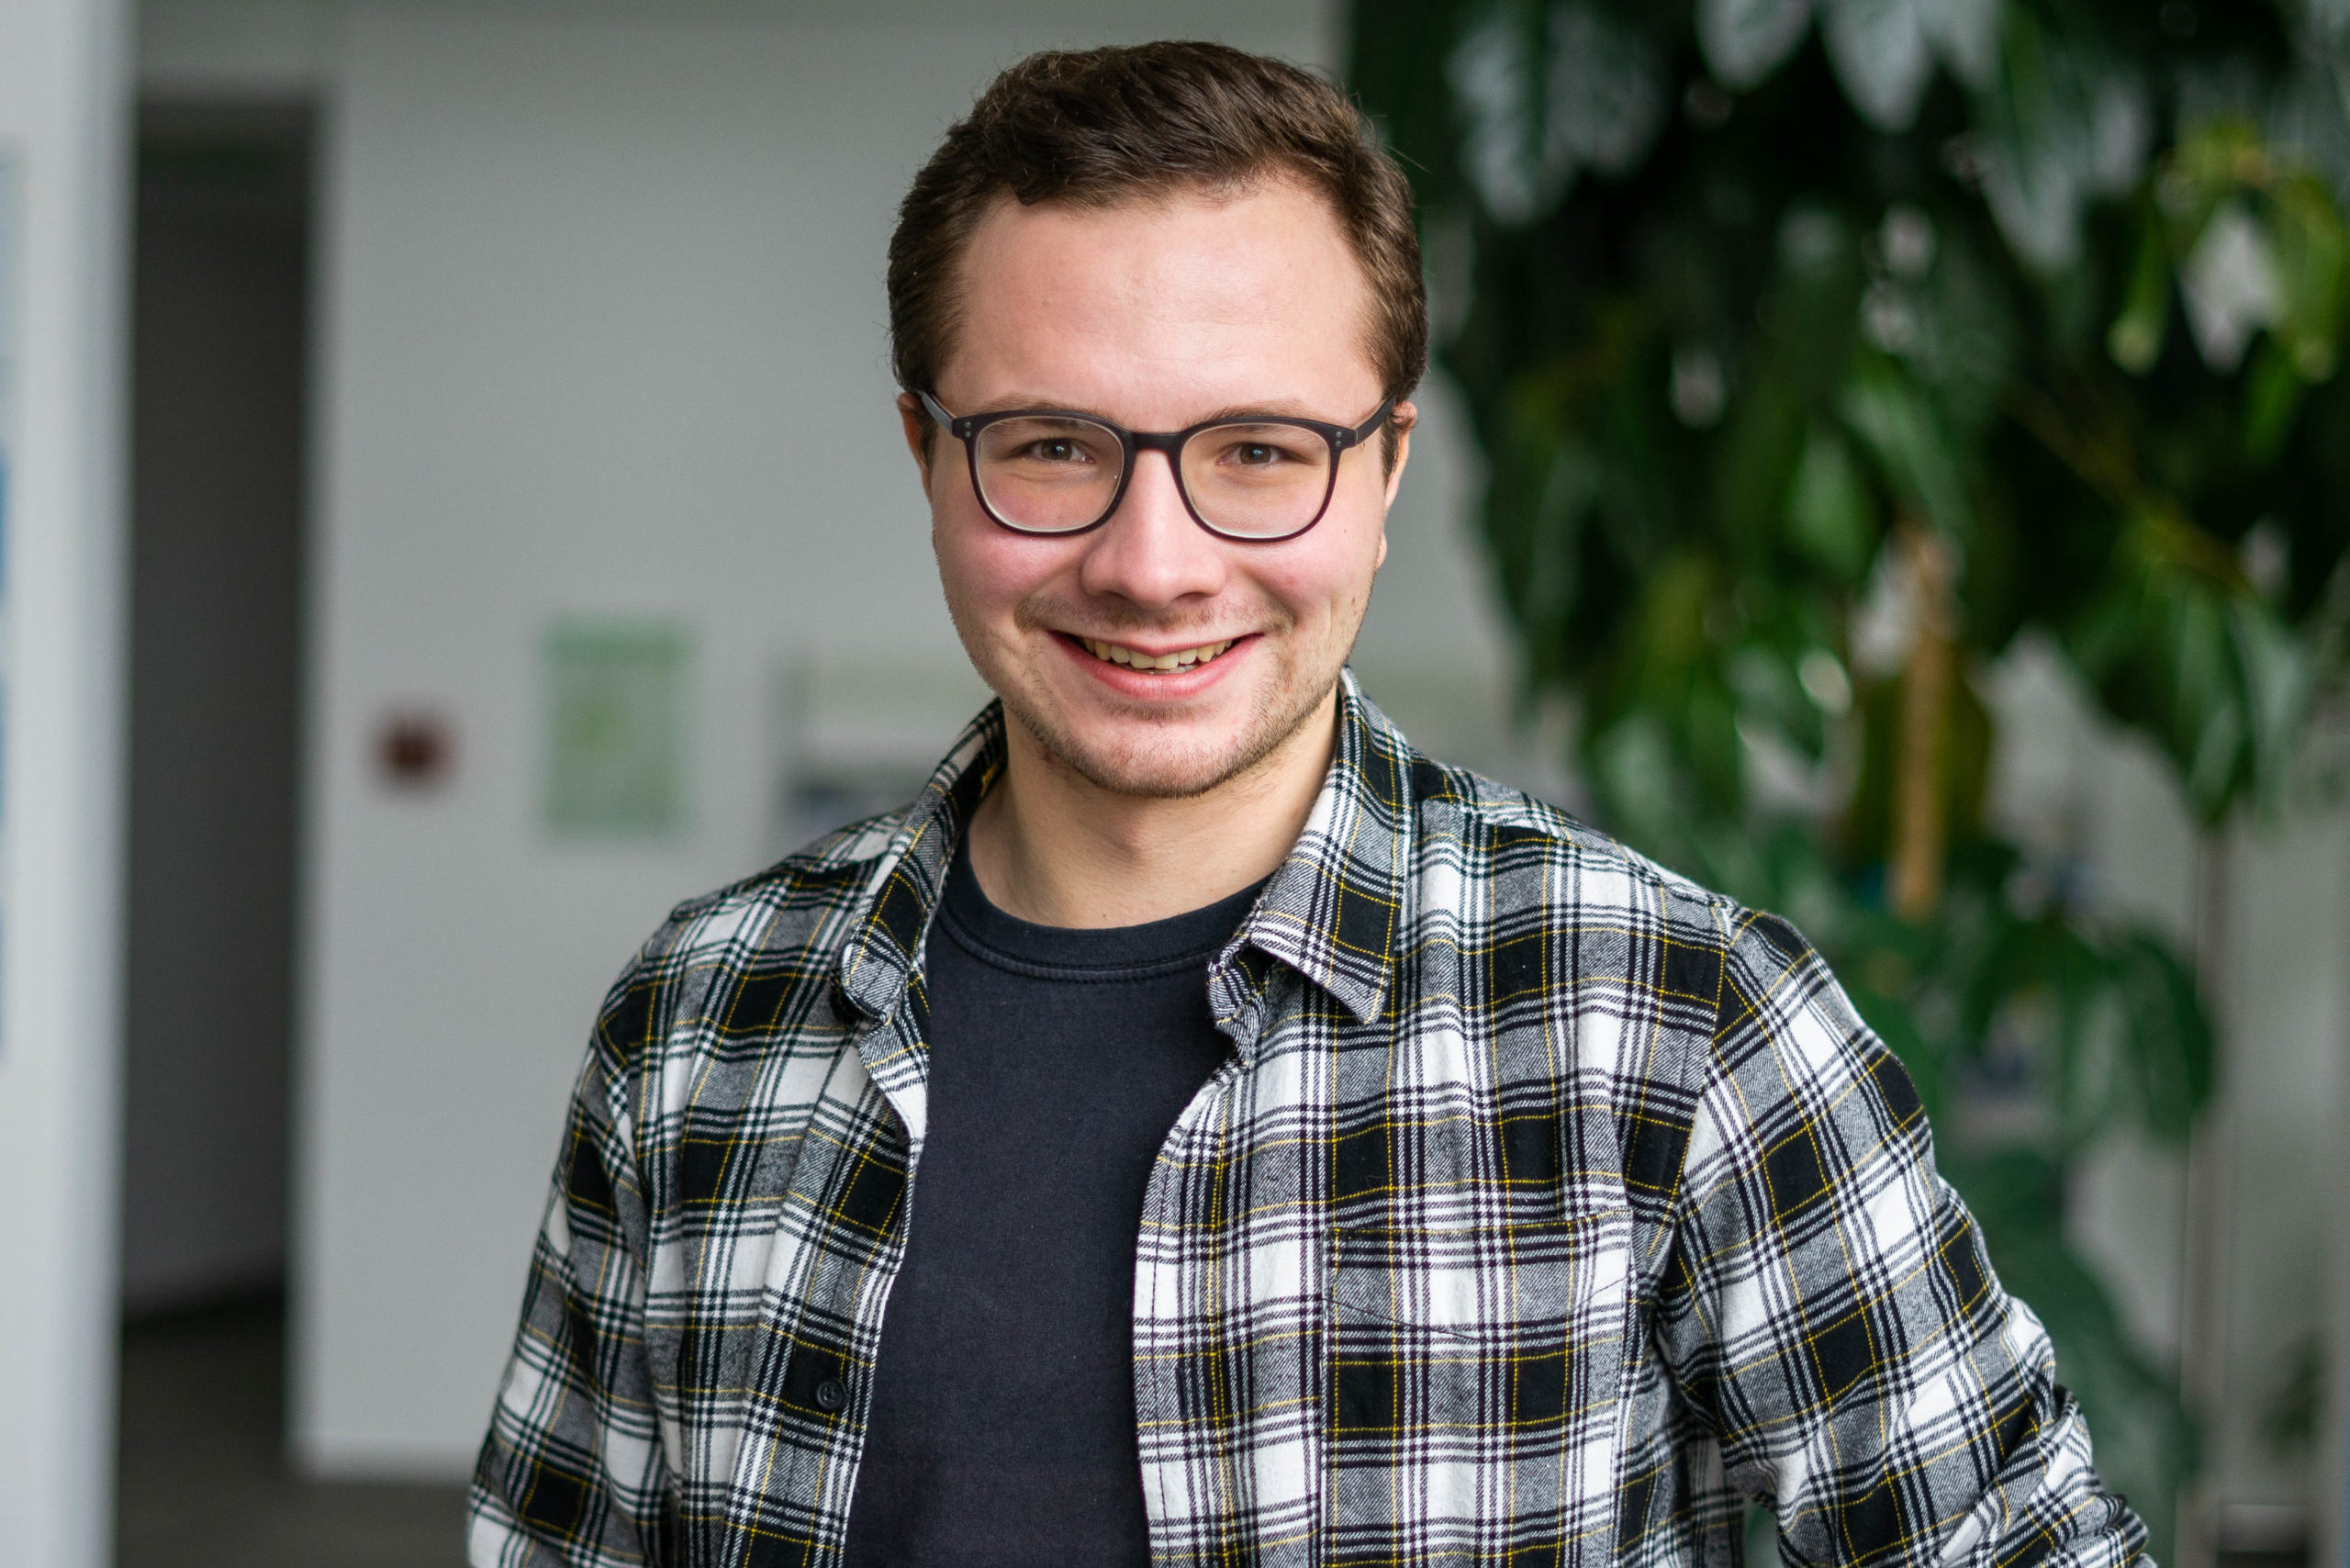 Tobias Derks